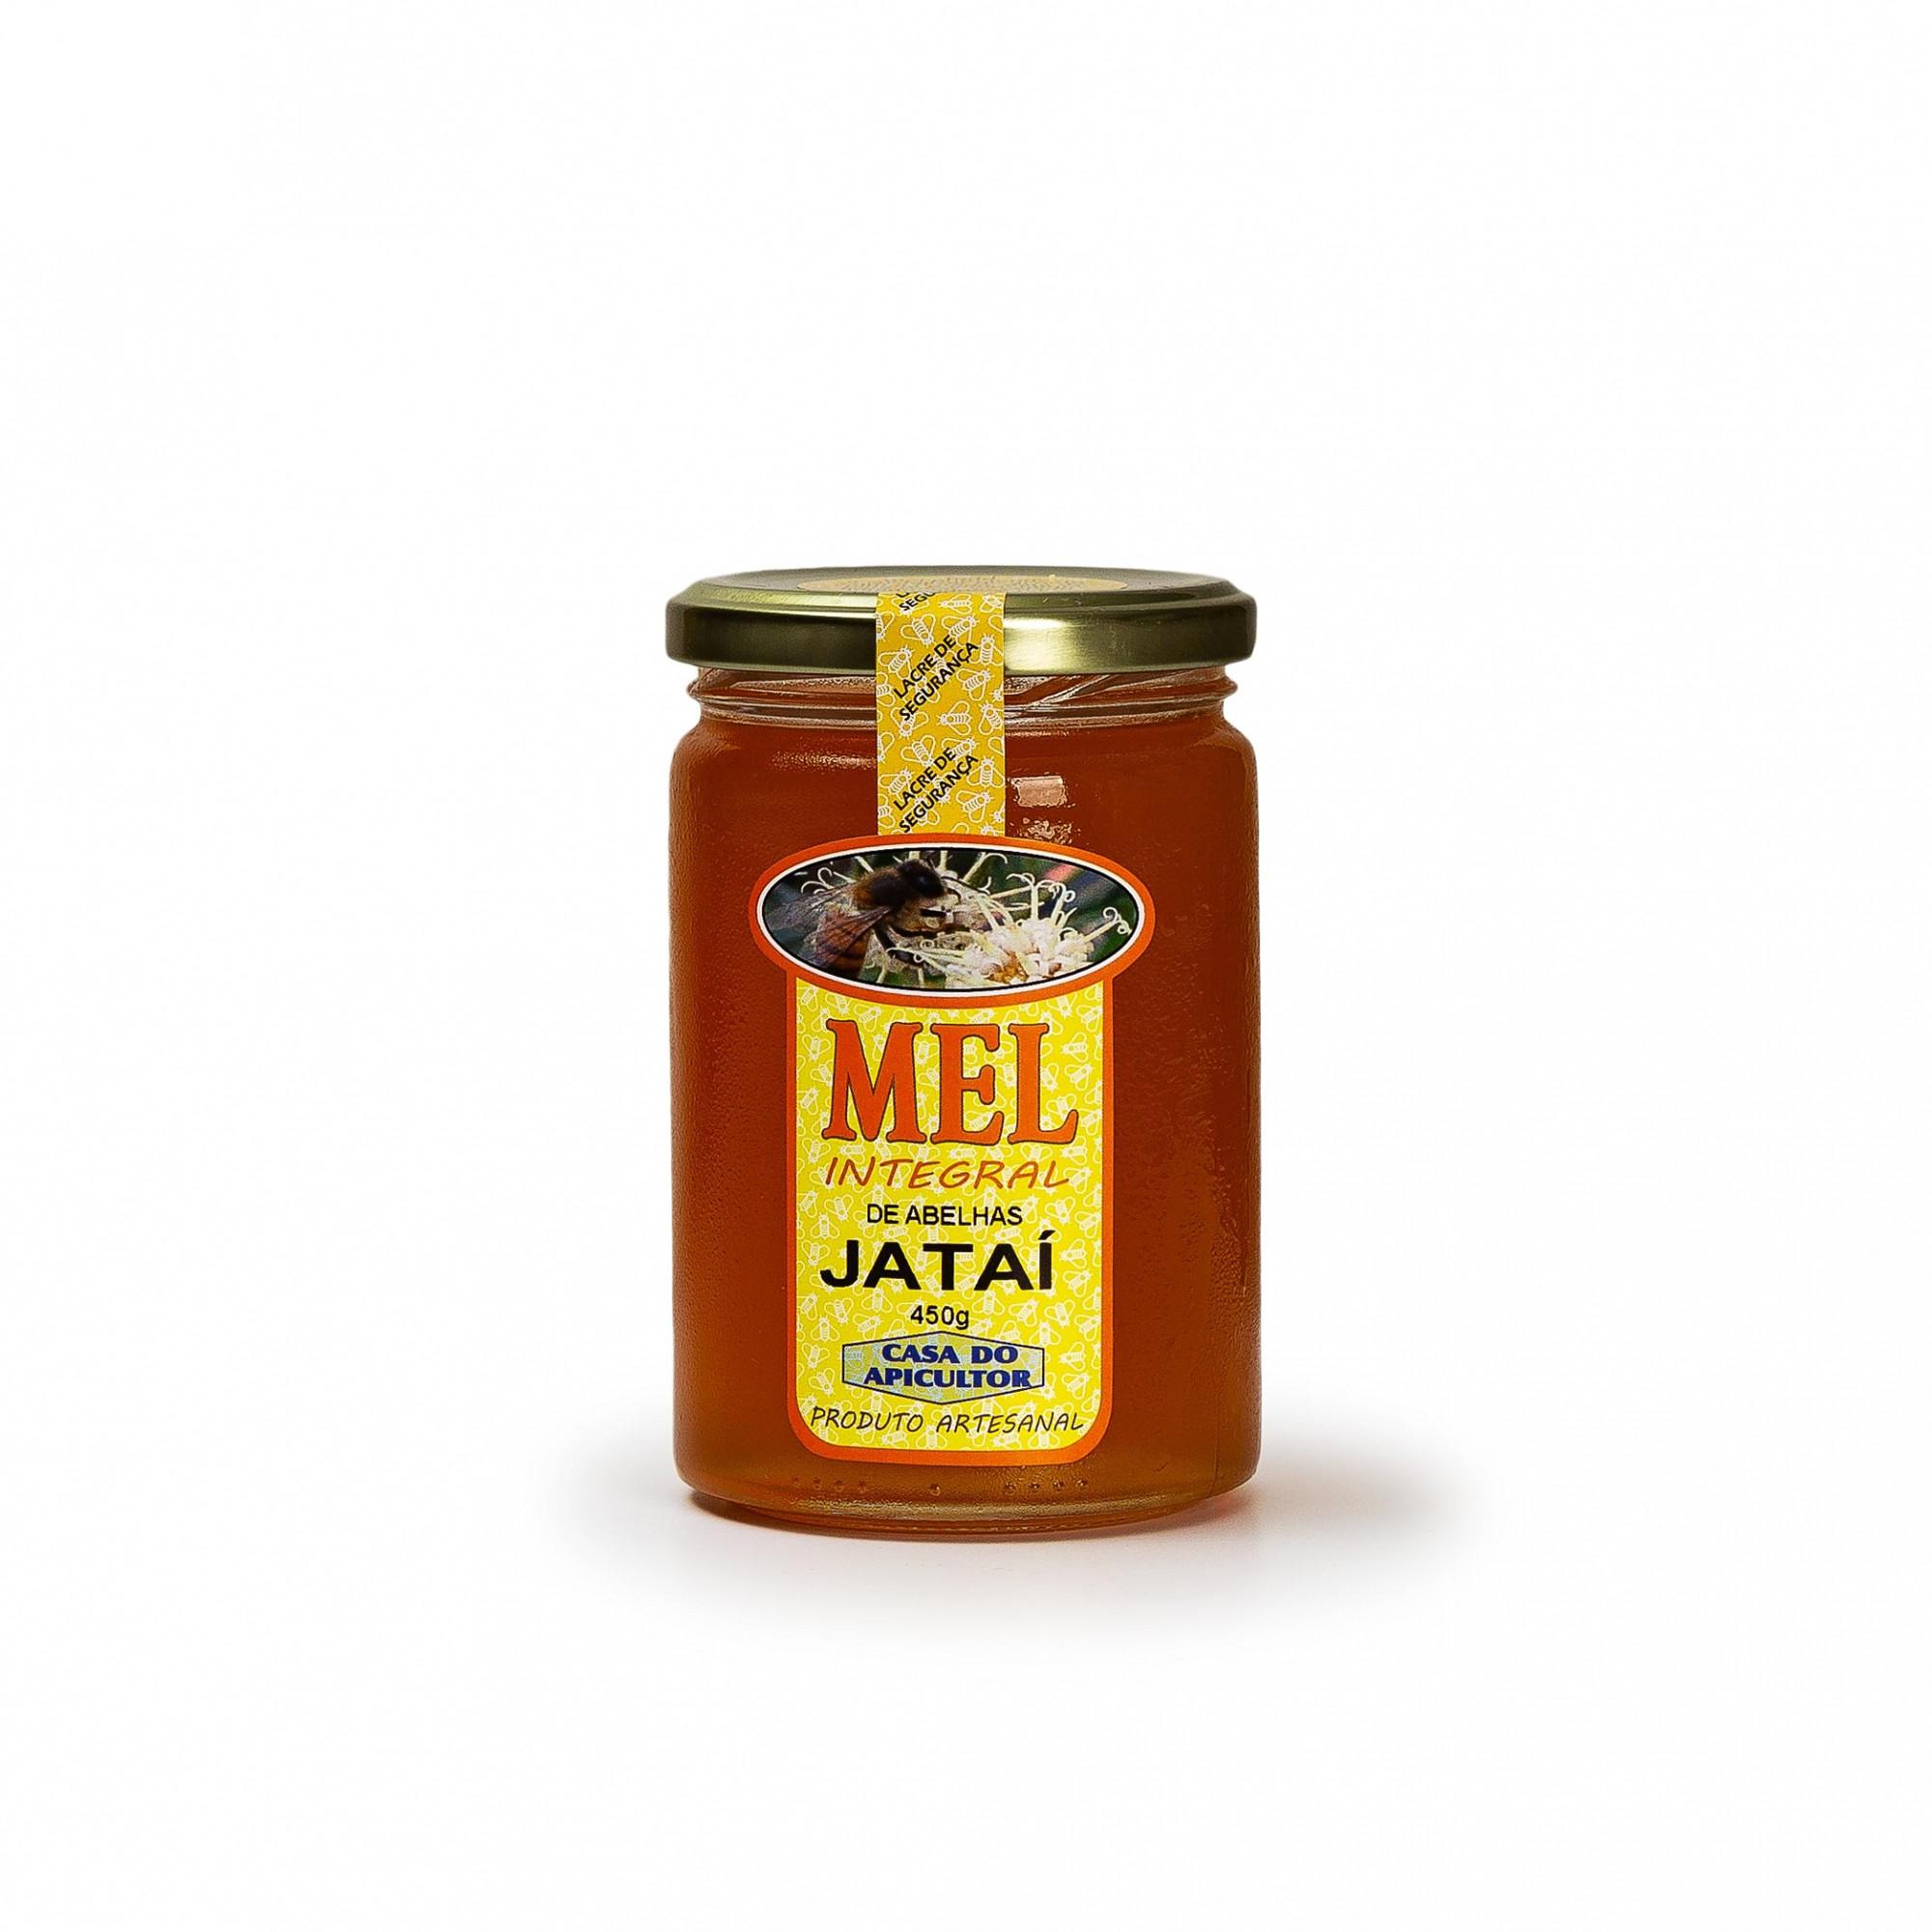 Mel da Abelha Jataí 450g